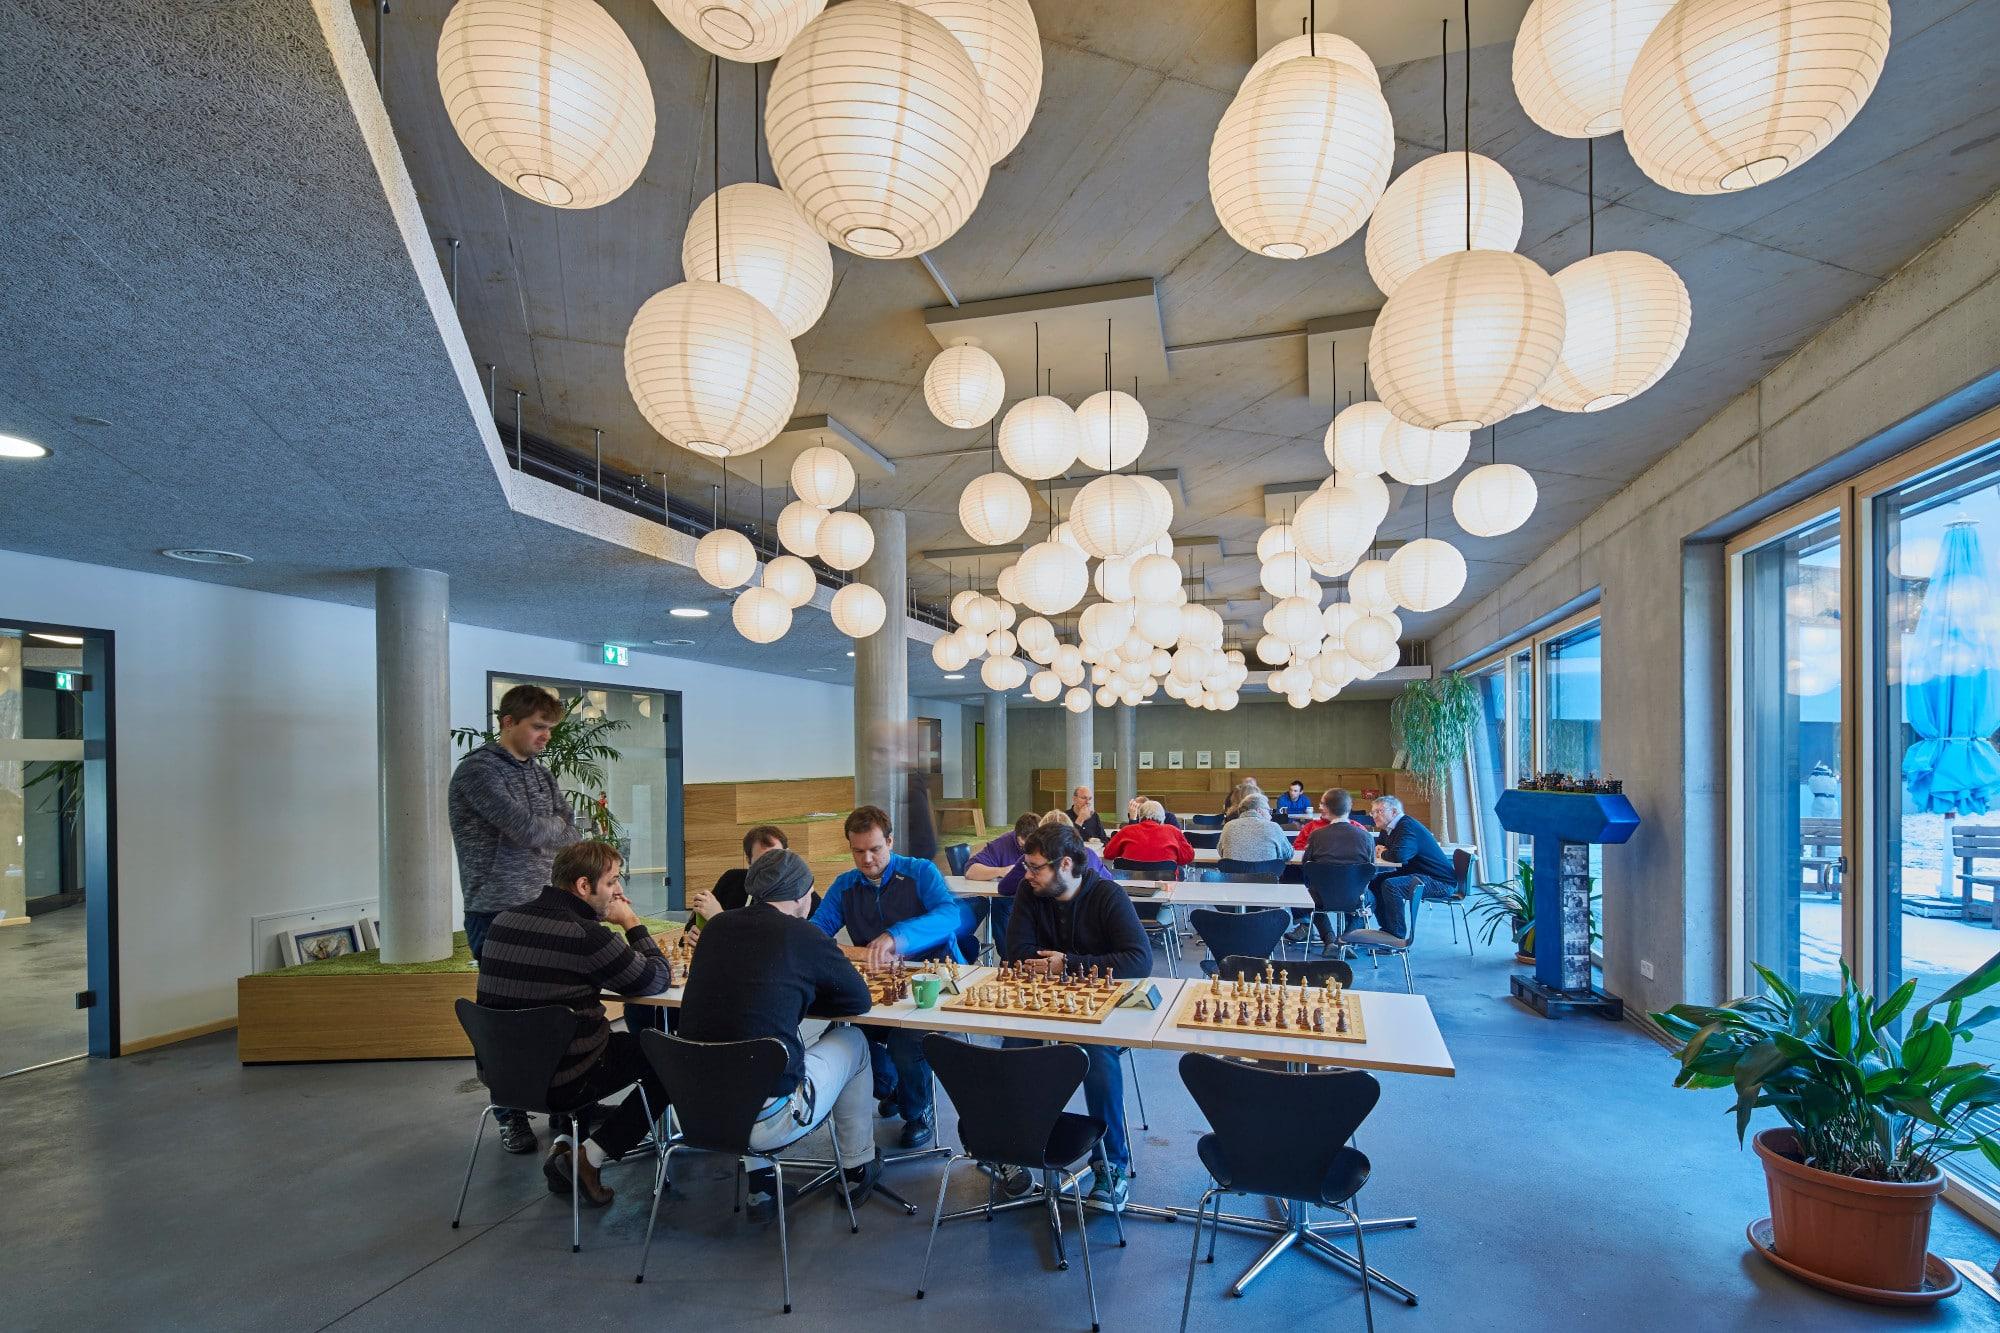 Schachspielende TUP-Mitarberiter in der Caféteria